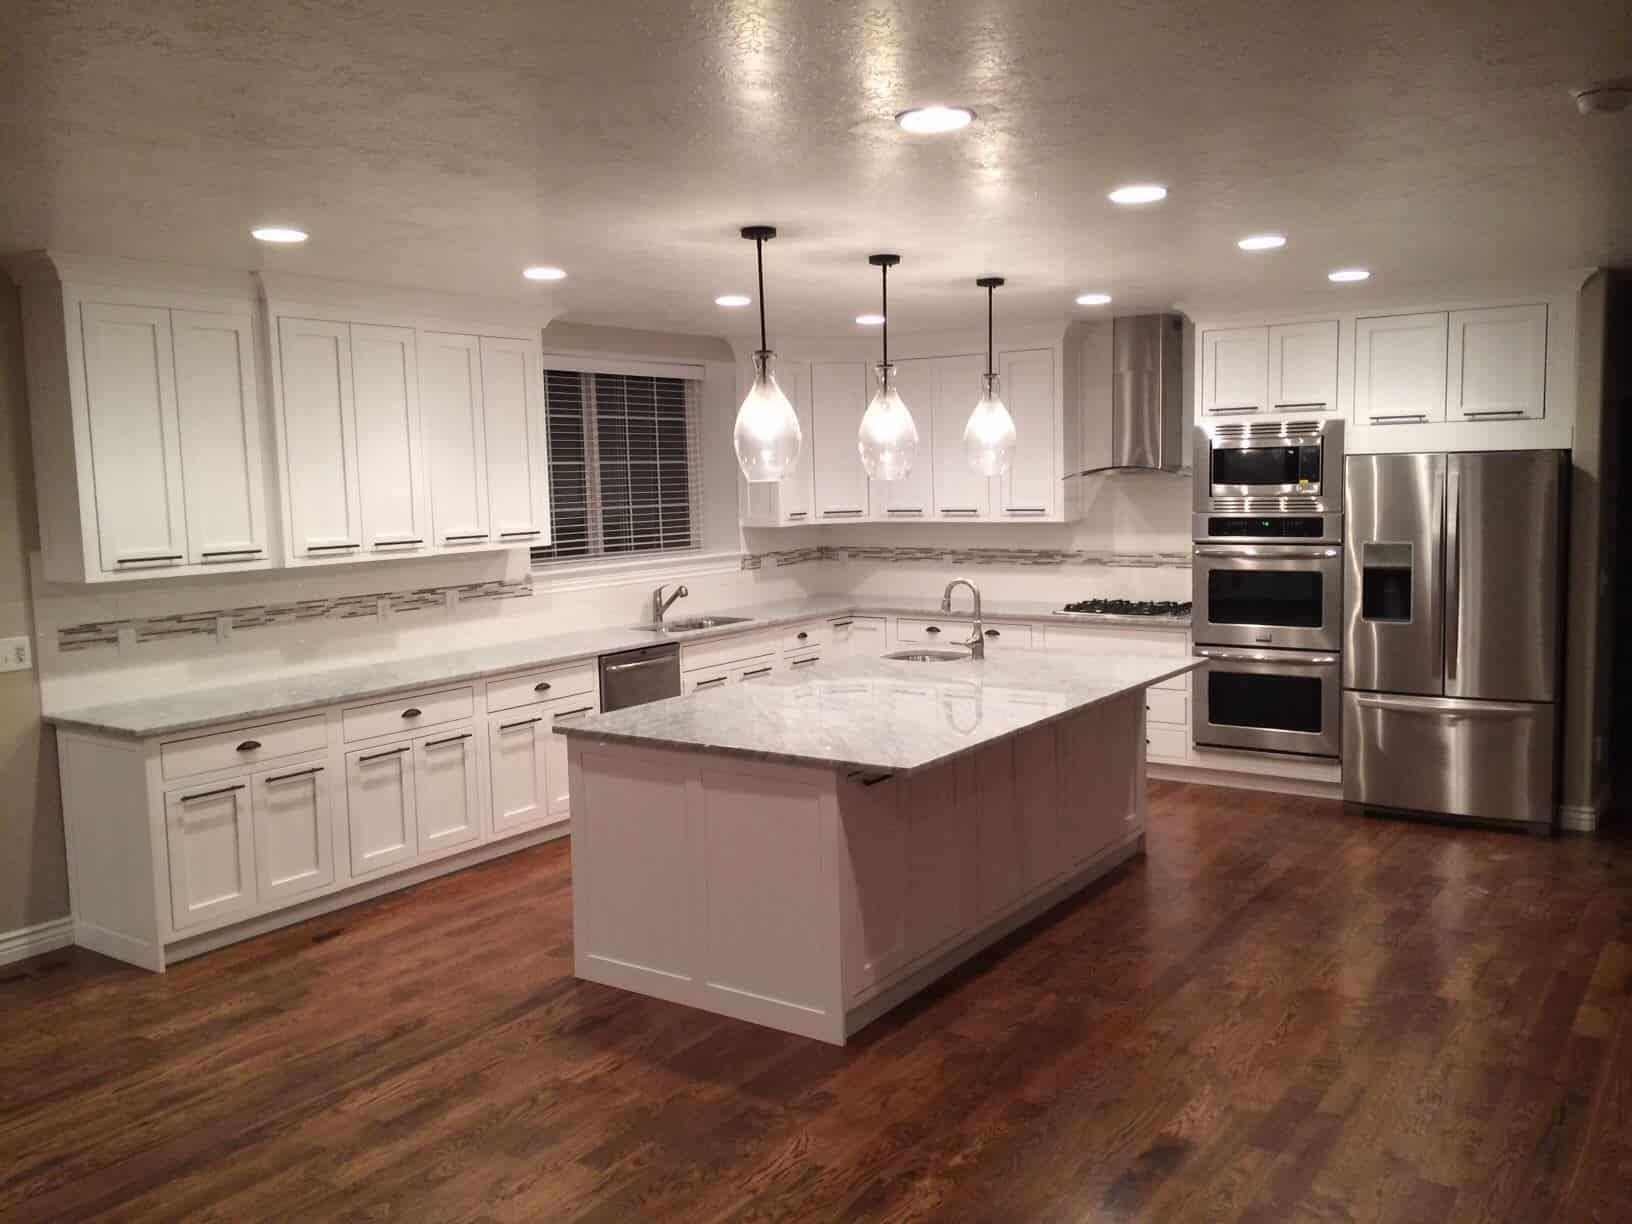 Medium tone hardwood floor in kitchen   Kitchen flooring options ...